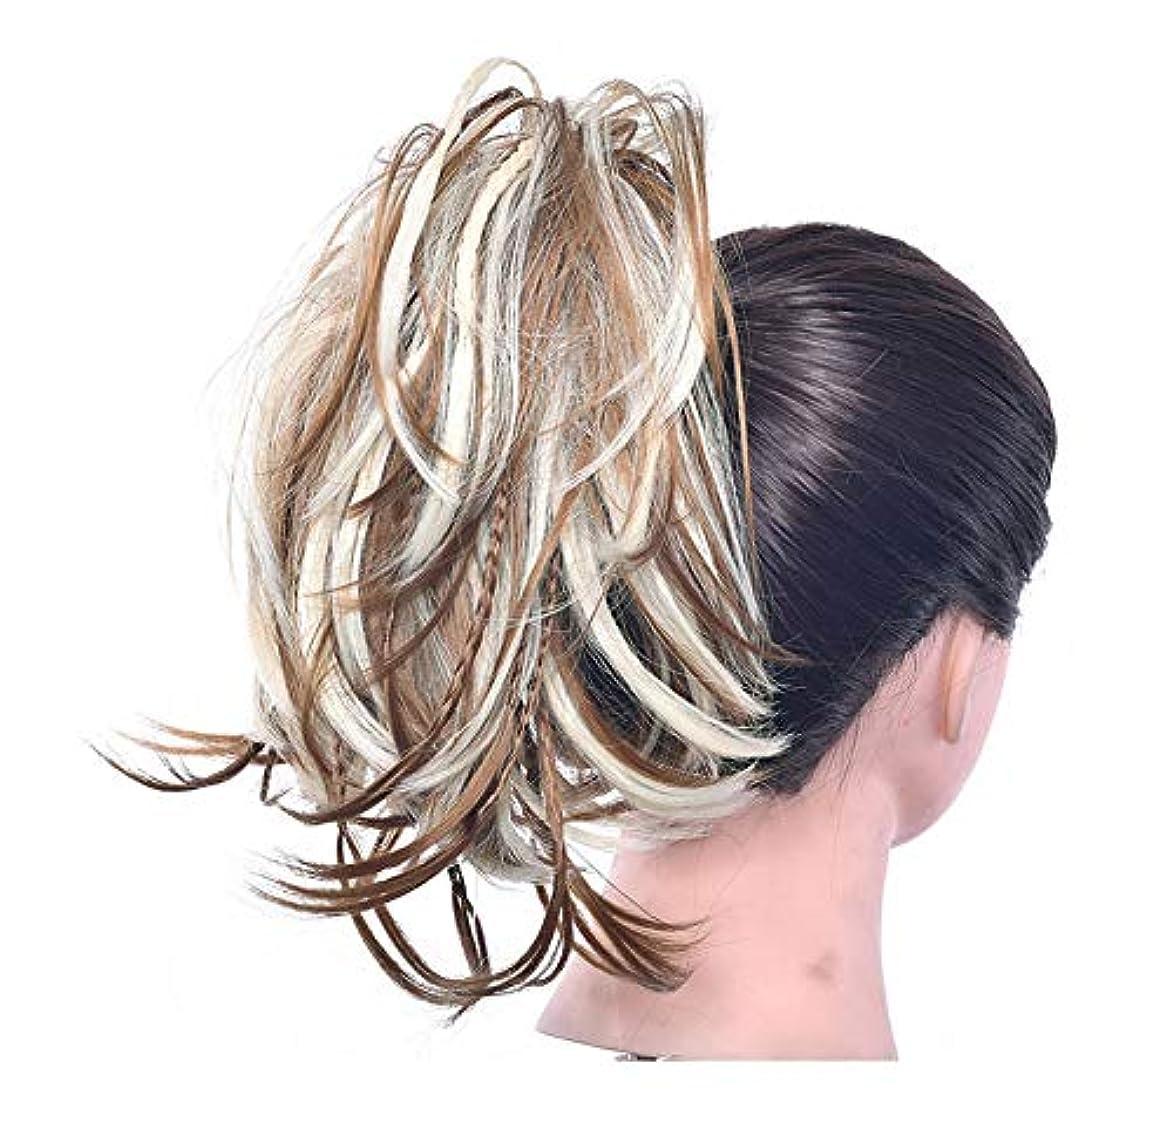 仕様奨学金フリッパーポニーテールシニョンドーナツアップリボンアクセサリー、女性のためのカーリー波状の作品、乱雑な髪のお団子のシュシュ拡張